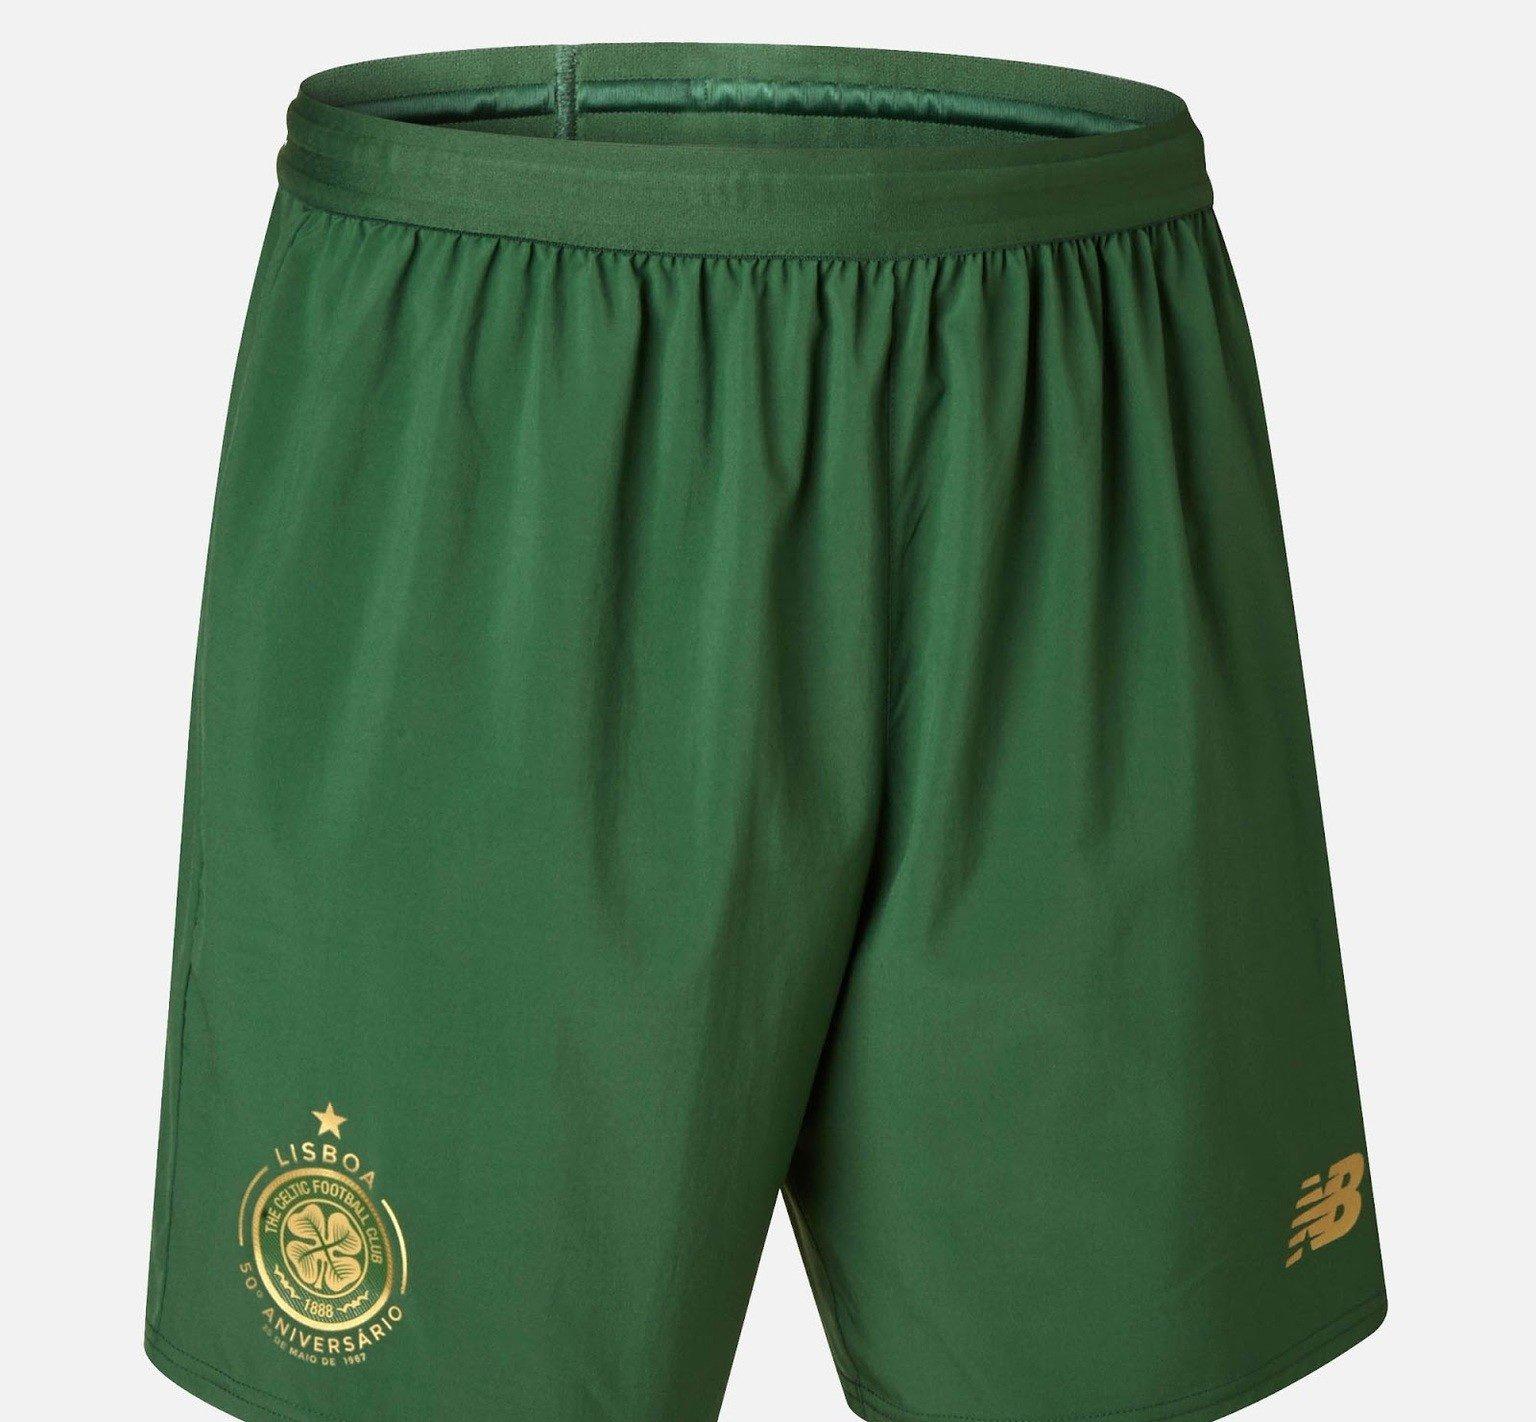 a8b35ae29bec6 ... Celtic FC presenta nuevo uniforme de futbol de visita. La camiseta de soccer  presenta franjas horizontales en dos tonalidades de verde así como todos ...